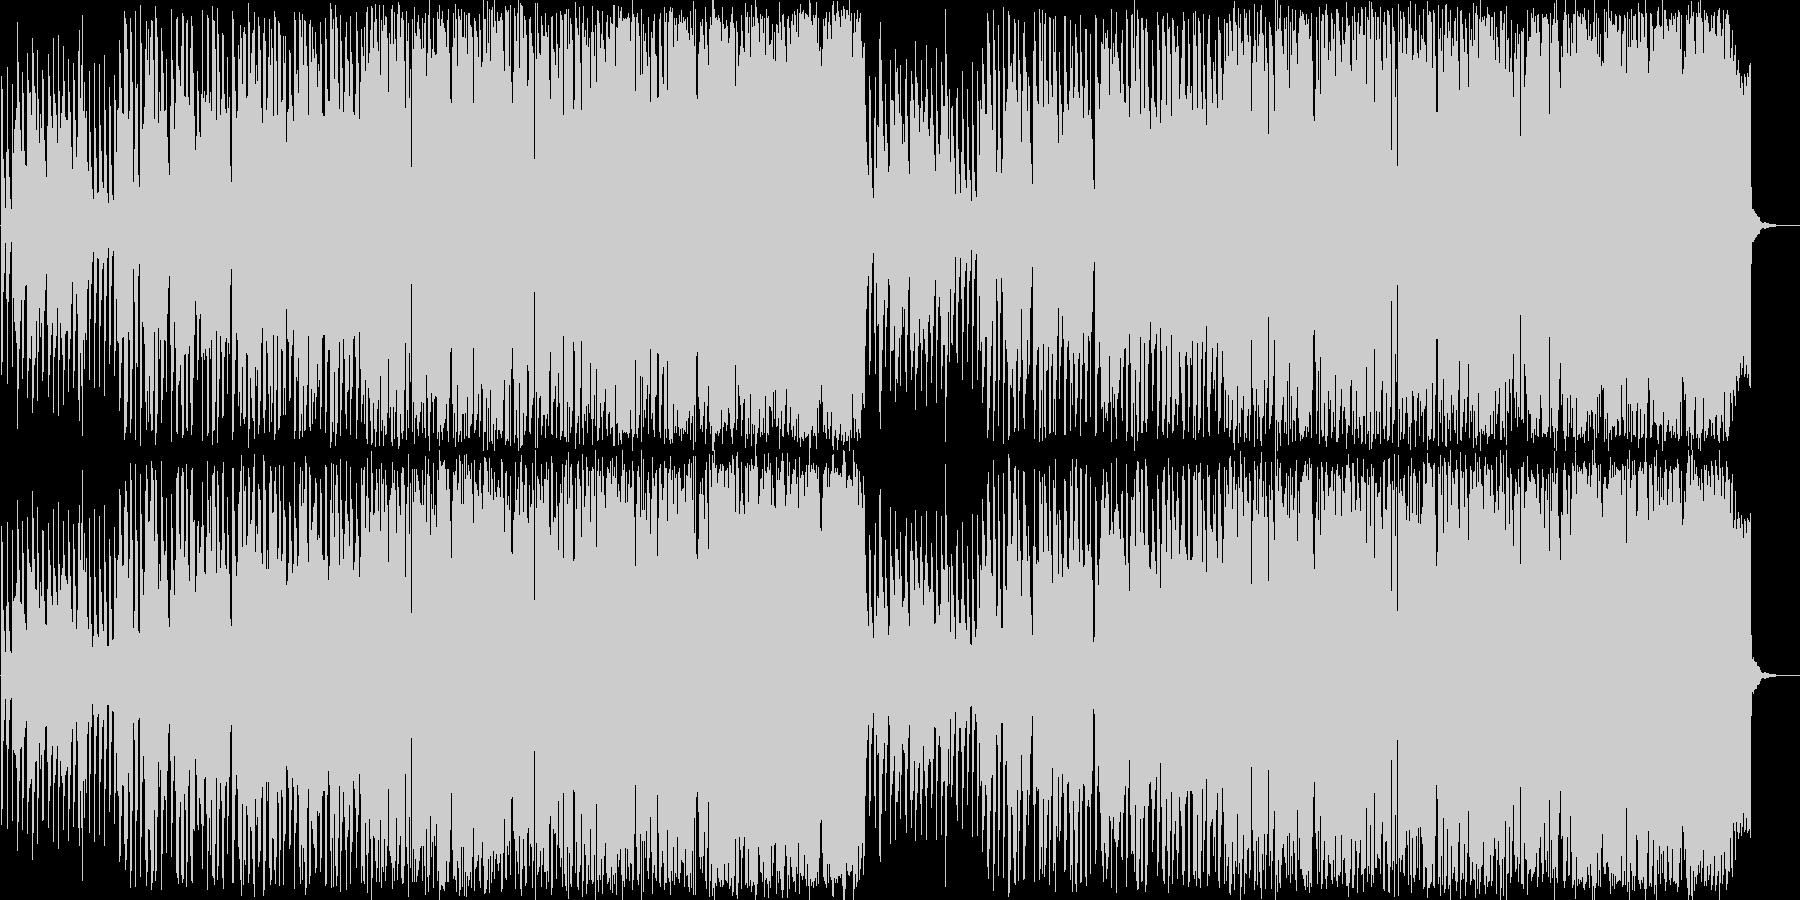 さわやかなApple的BGMの未再生の波形